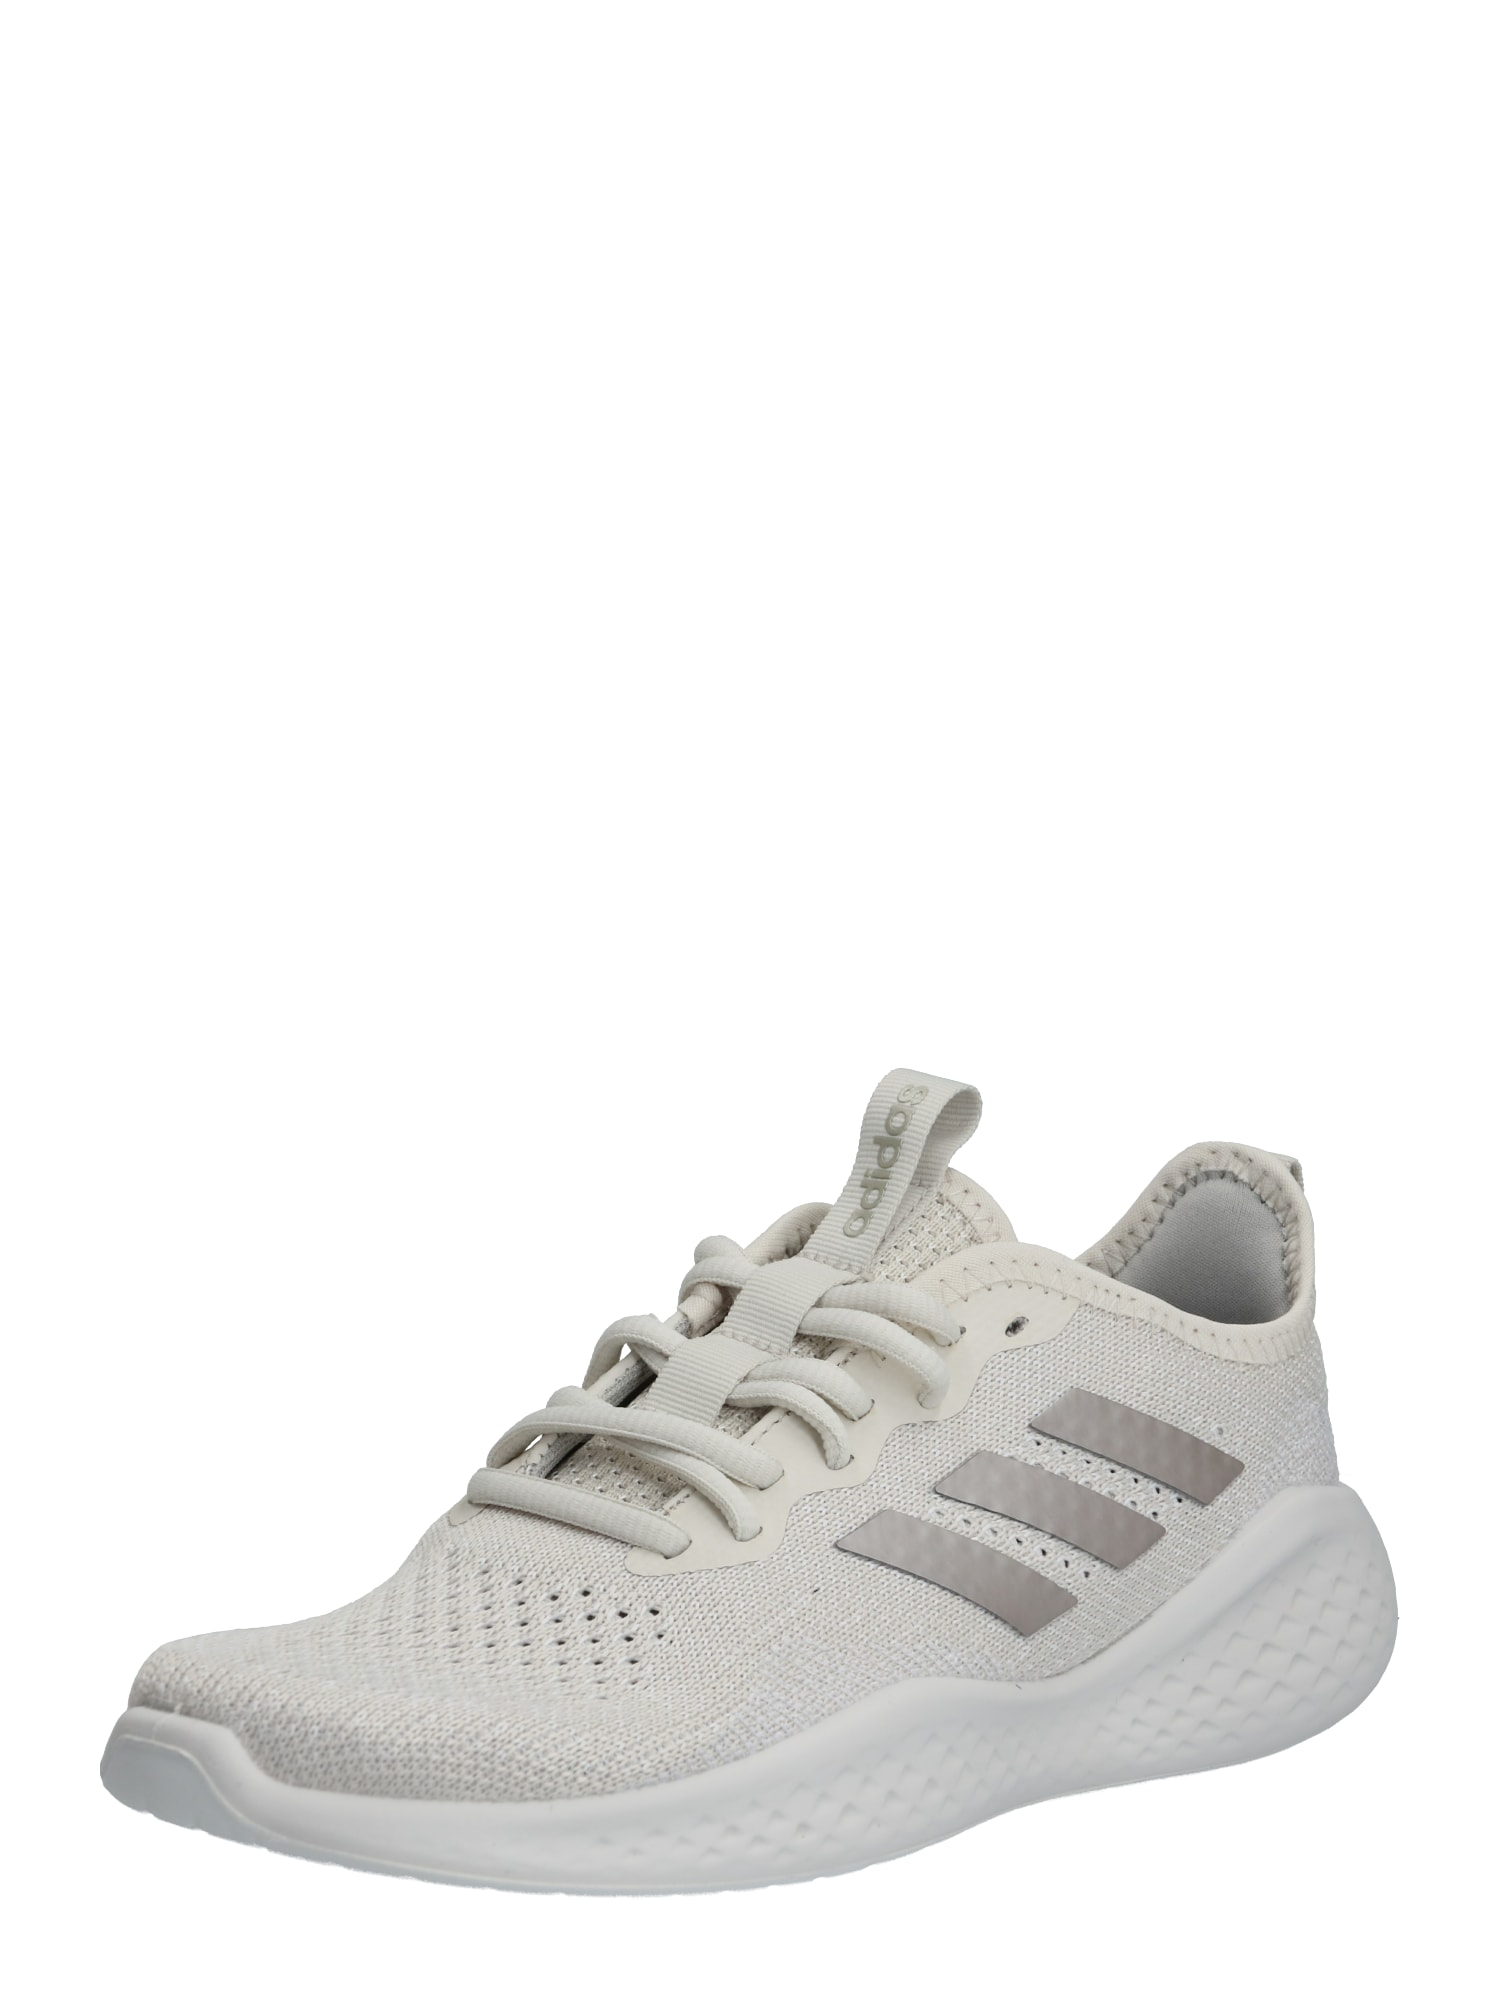 ADIDAS PERFORMANCE Sportiniai batai 'FLUIDFLOW' balkšva